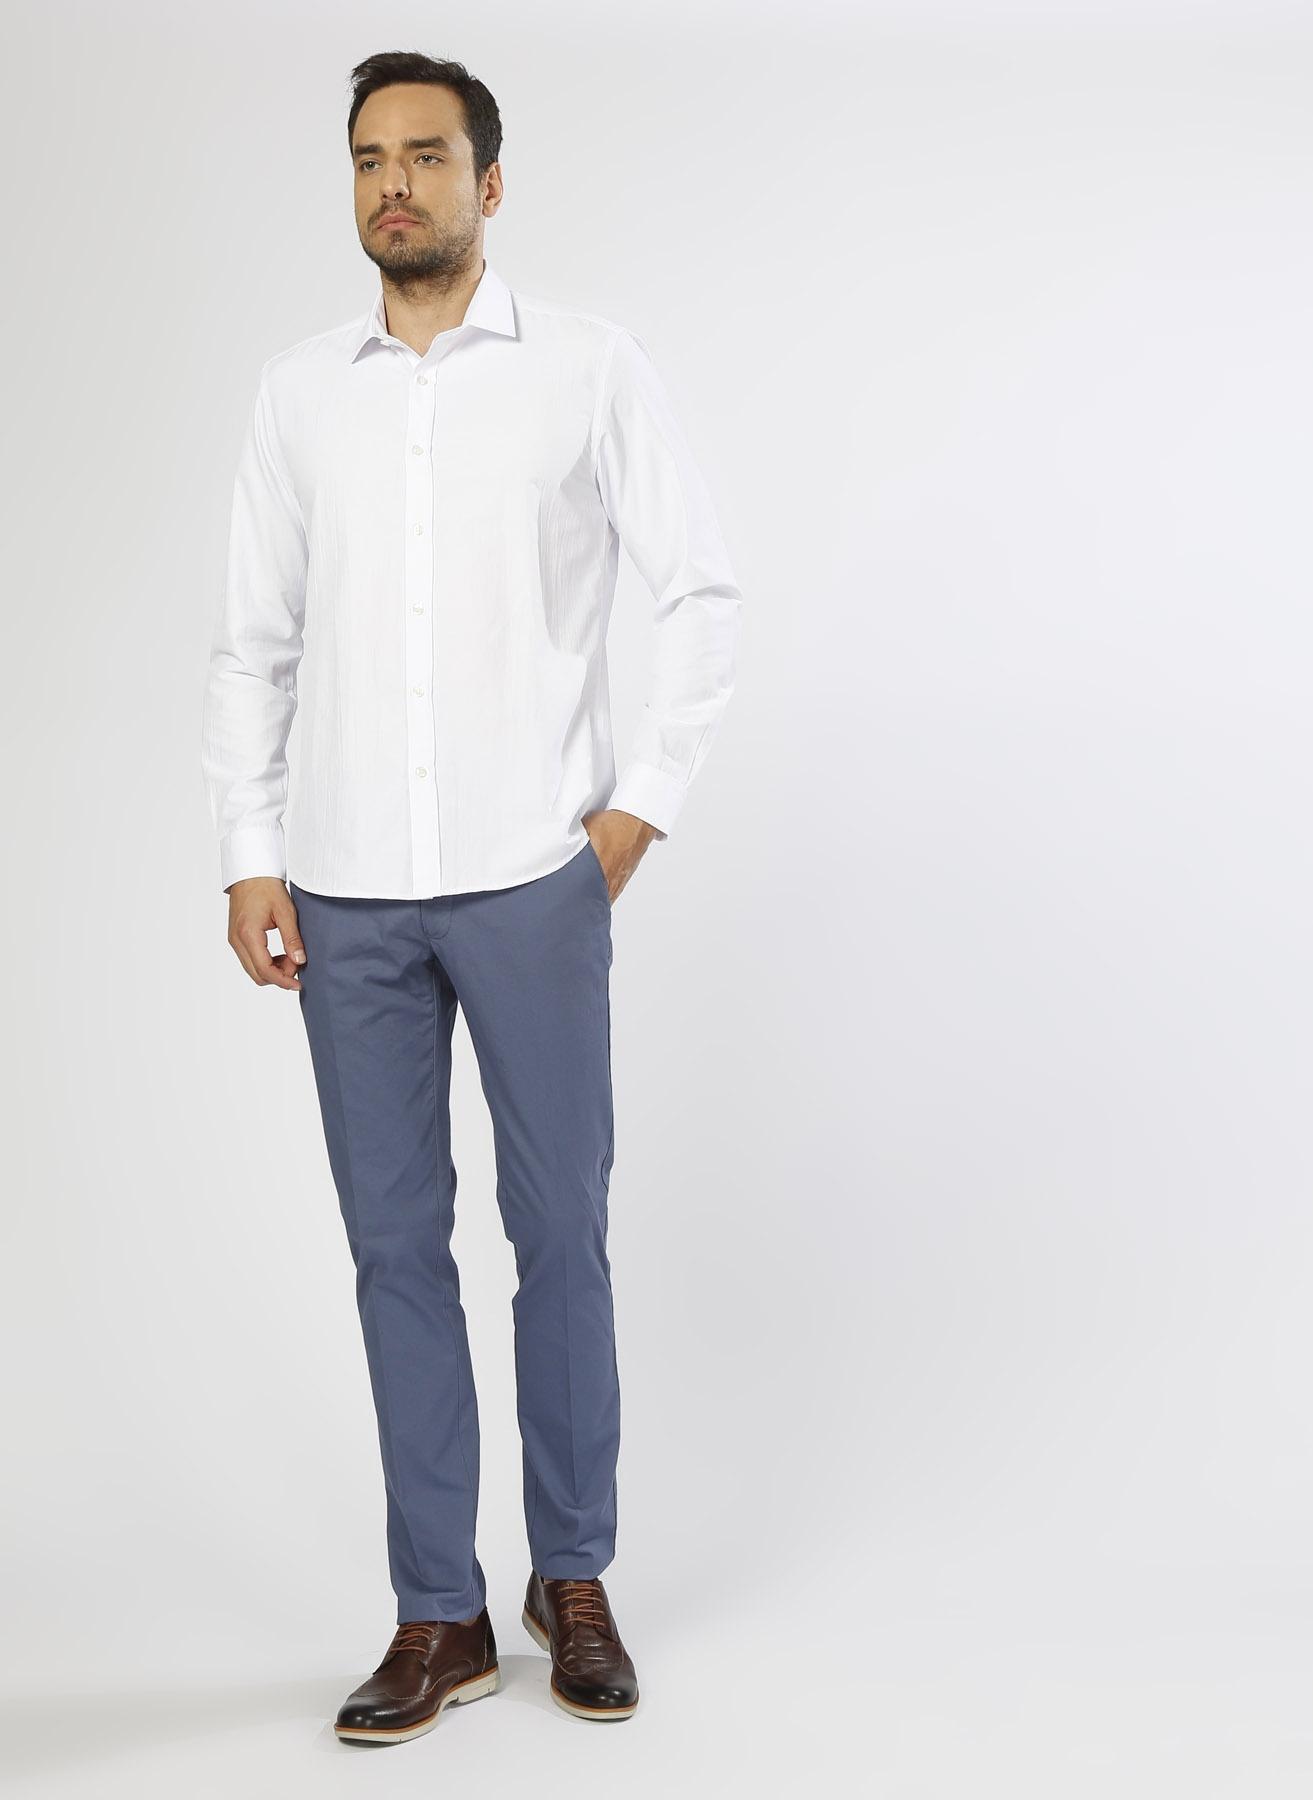 Beymen Business Casual Vizon Klasik Pantolon 54 5000208589005 Ürün Resmi